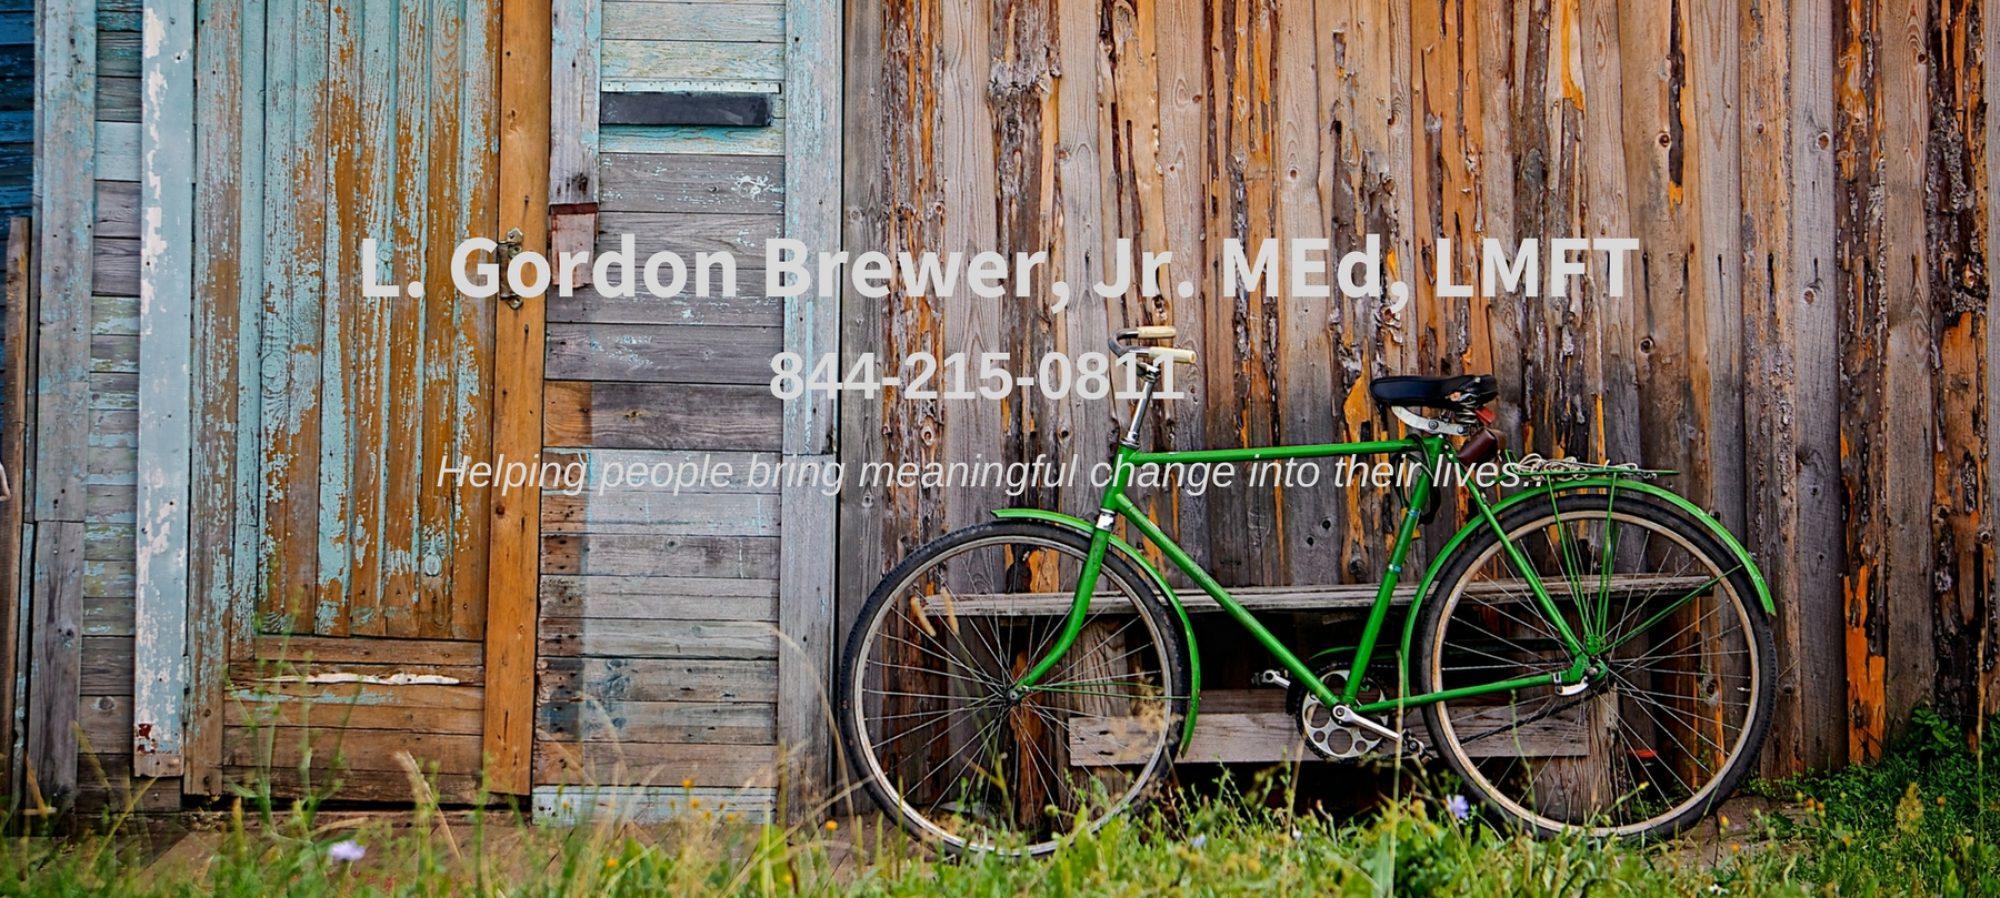 L. Gordon Brewer, Jr., MEd, LMFT